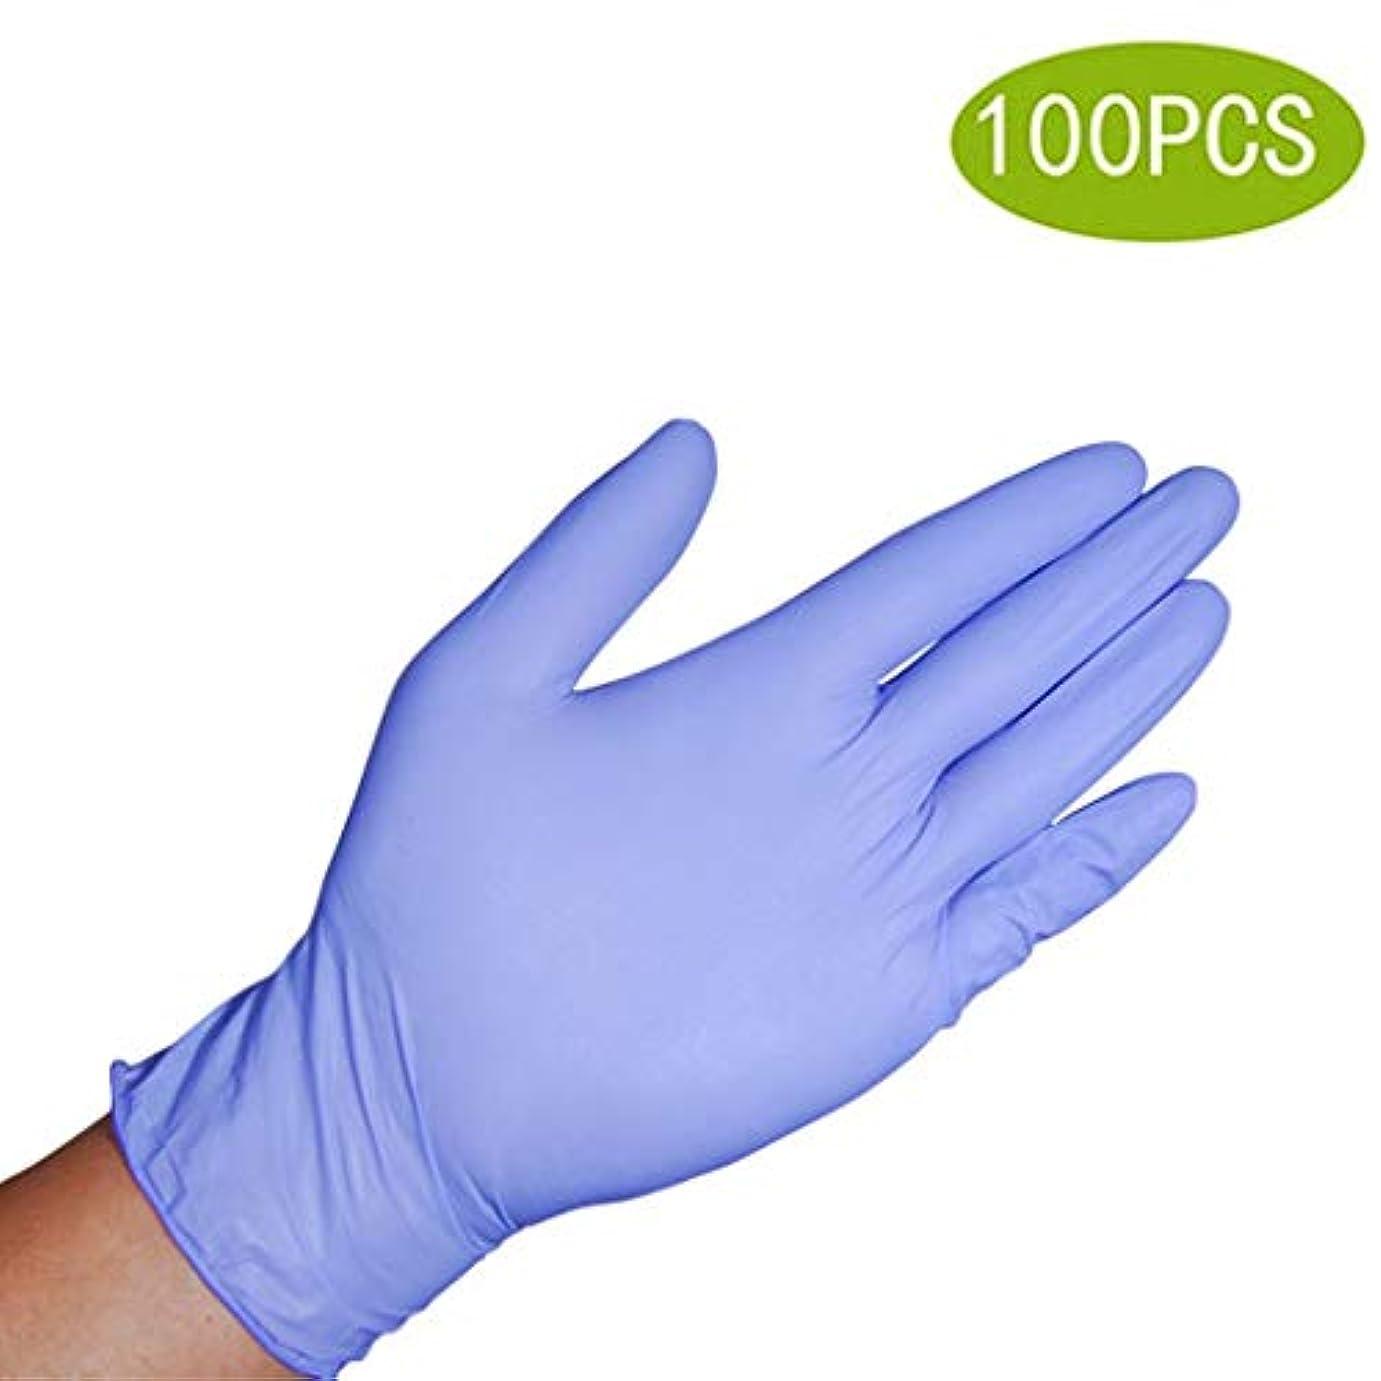 第四信じられないビジネスラテックス手袋子供用手袋、4?10年間のニトリル手袋 - ラテックスフリー、食品グレード、パウダーフリー - クラフト、絵画、ガーデニング、調理、クリーニング用 - 100個入りパープル (Size : M)